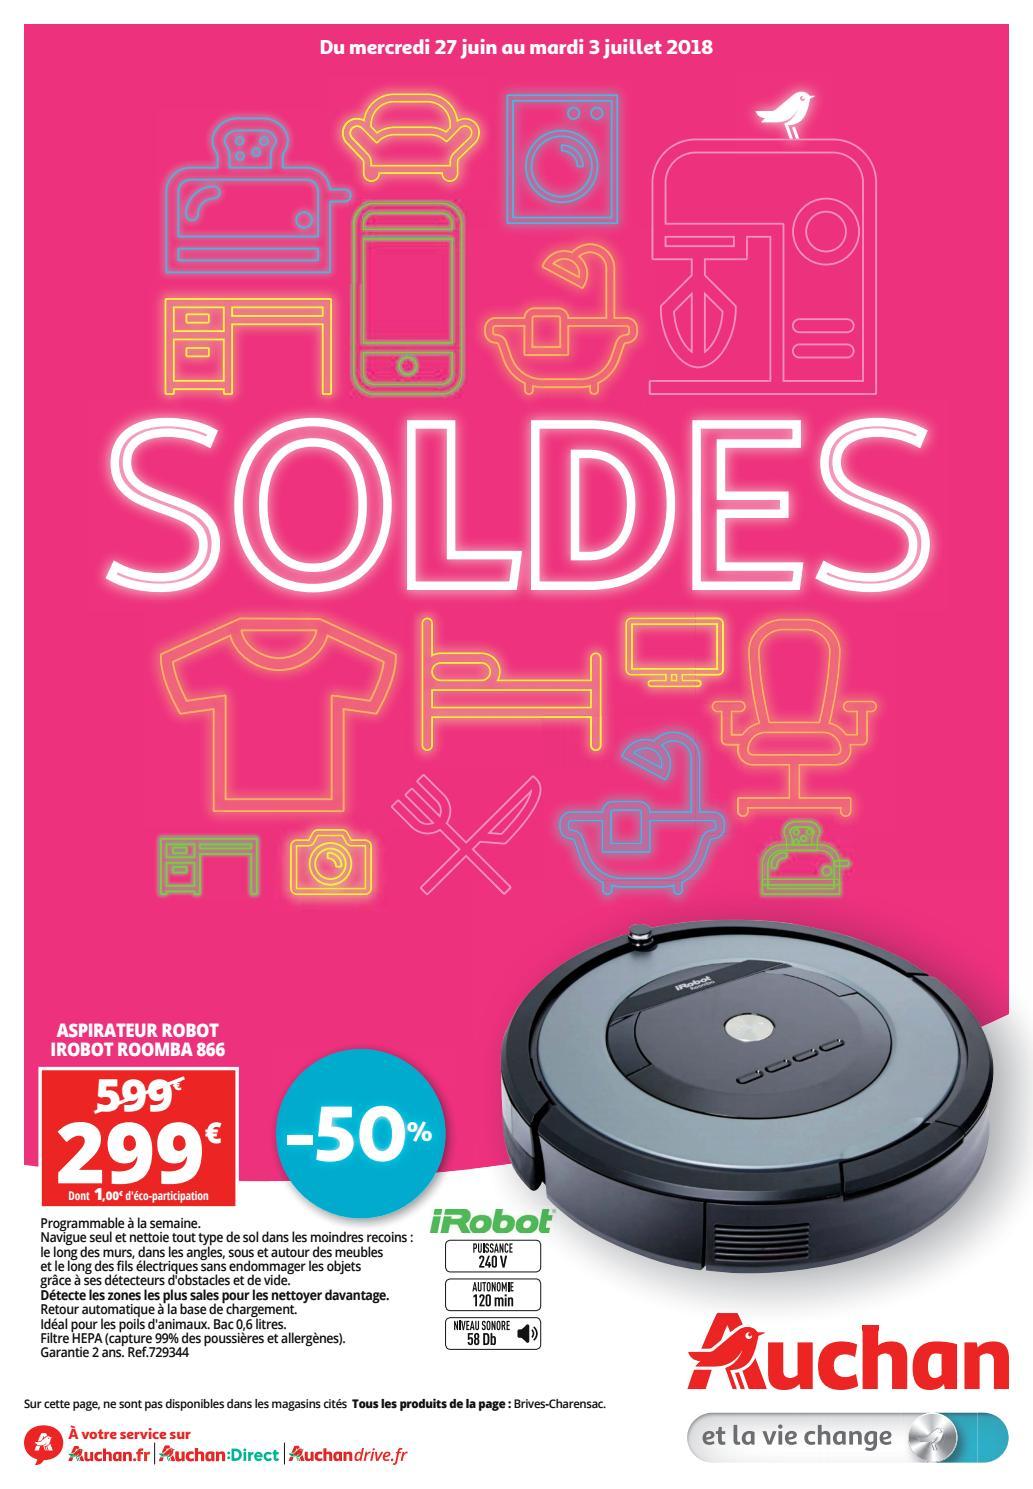 Auchan Soldes été 2018 By Bonsplans Issuu